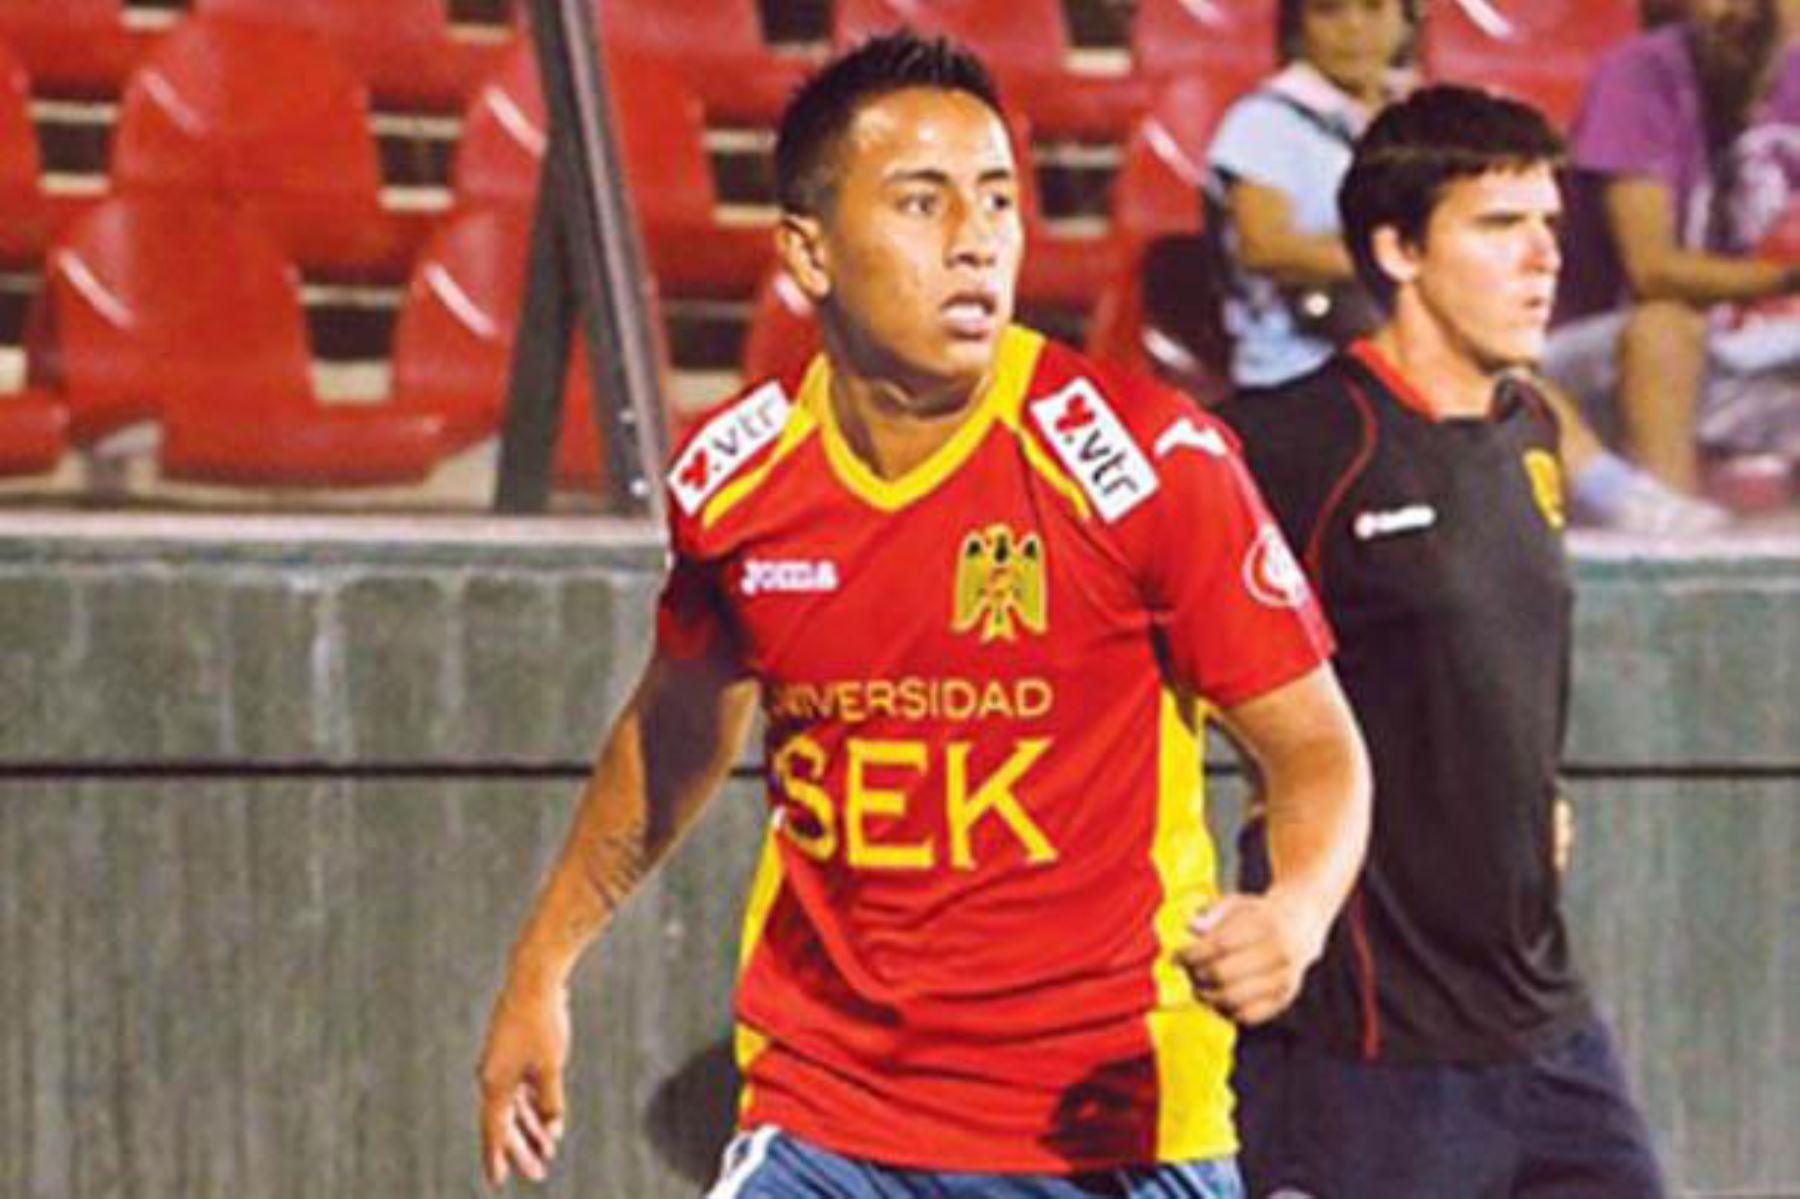 El delantero peruano, Christian Cueva, jugó una breve temporada en club Unión Española de Chile en el año 2013. Foto: Difusión